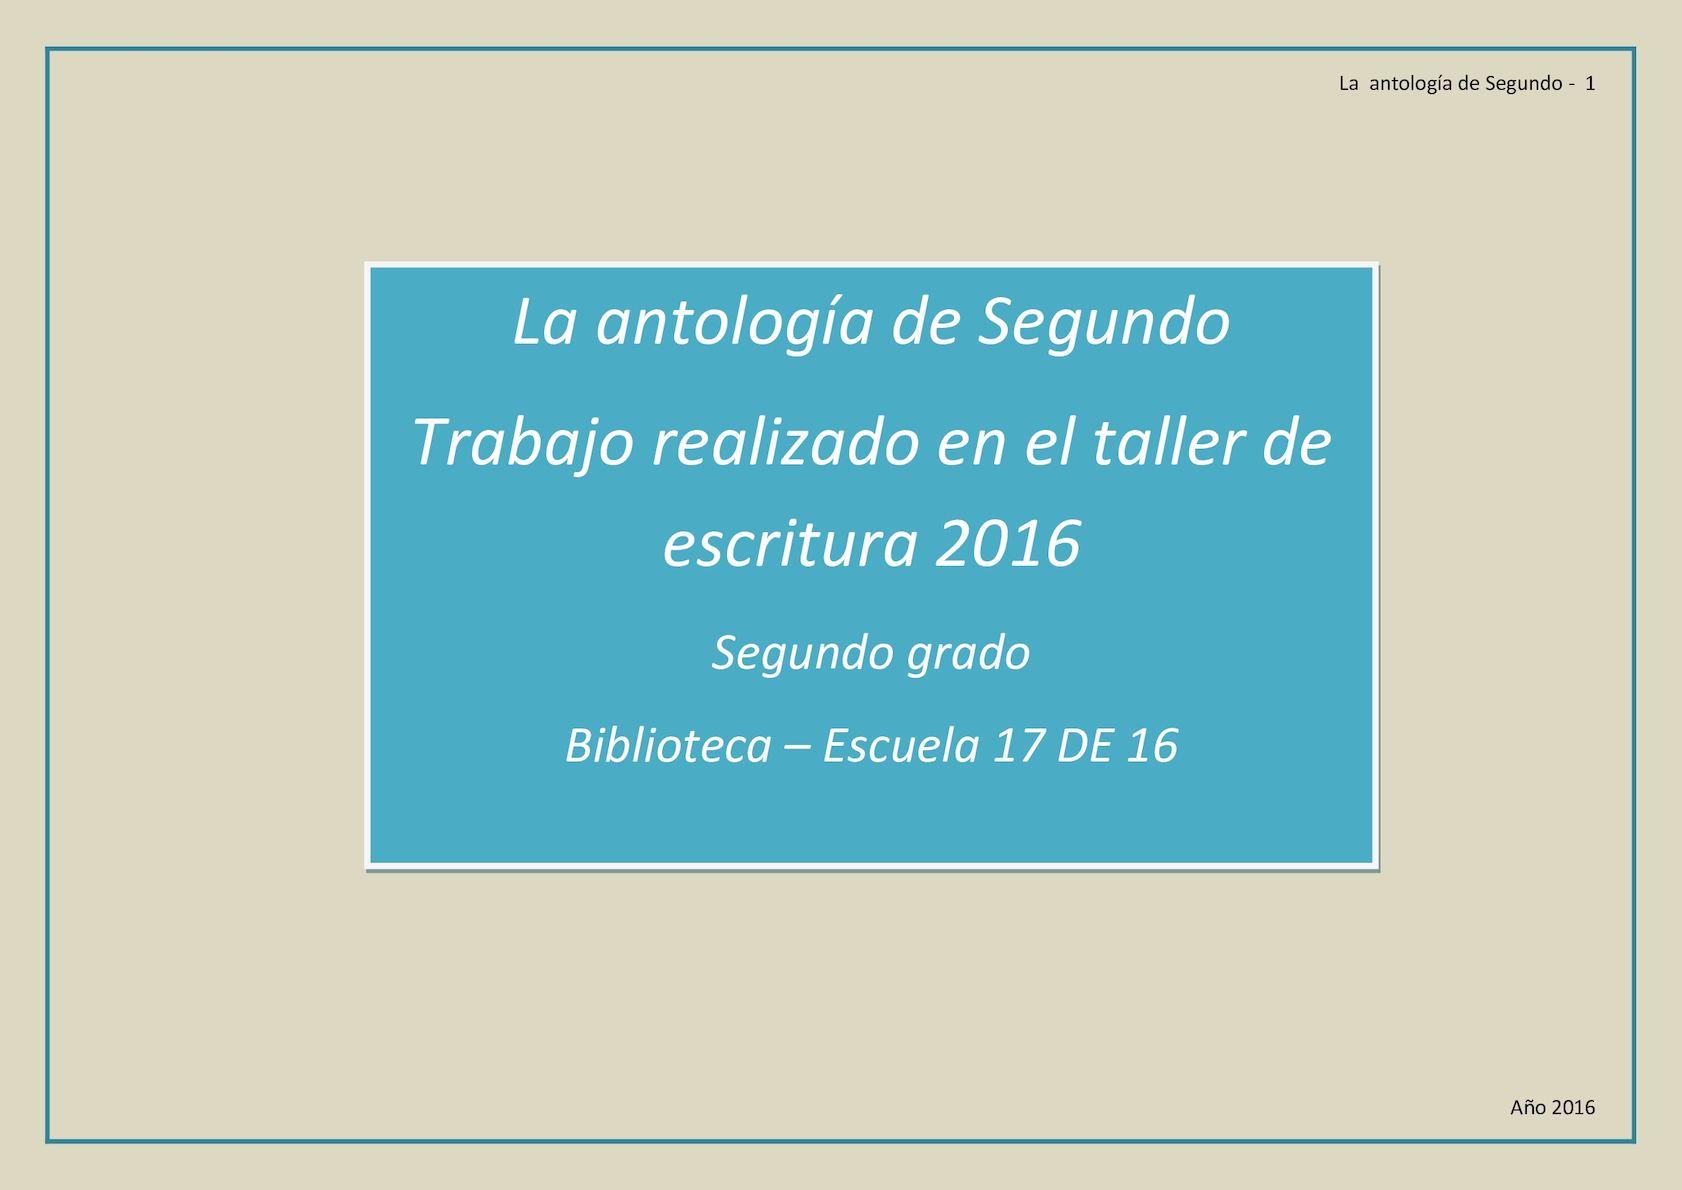 Segundo Antología Antología Grado 2016 Calaméo Calaméo Grado Segundo W29EDHI